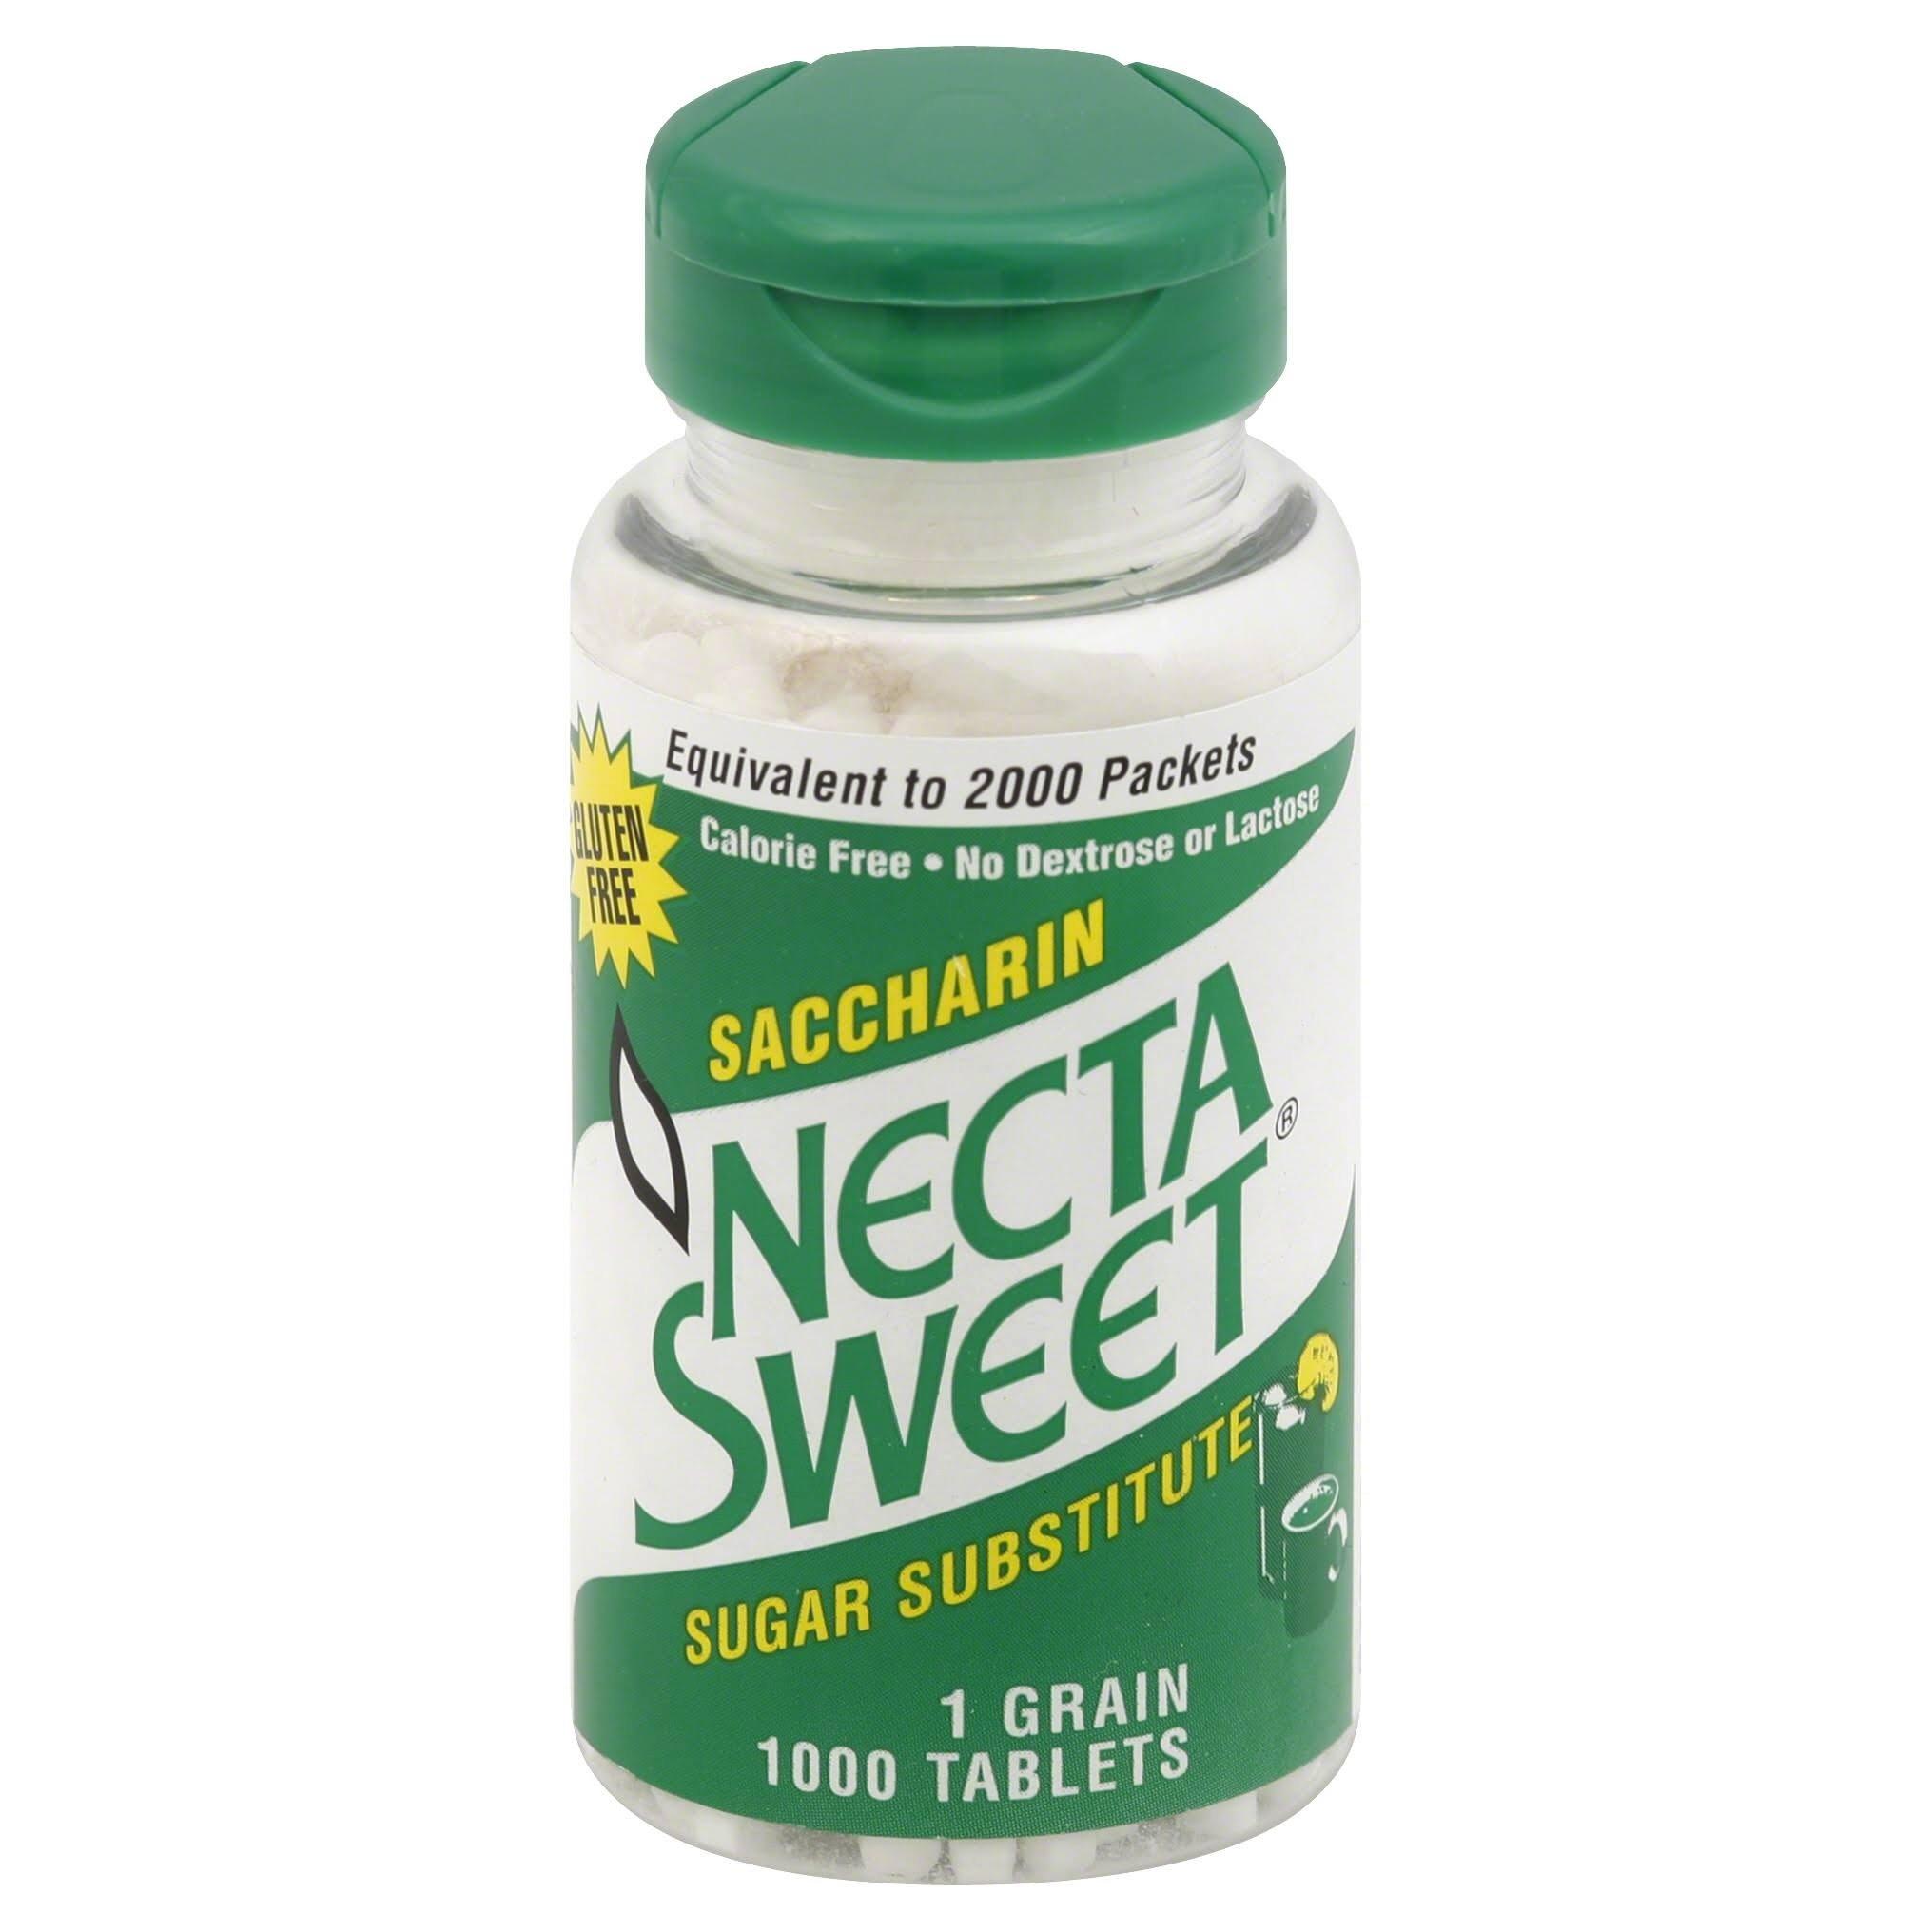 Necta Sweet Saccharin Tablets, 1 Grain, 1000 Tablet Bottle (Pack of 12)